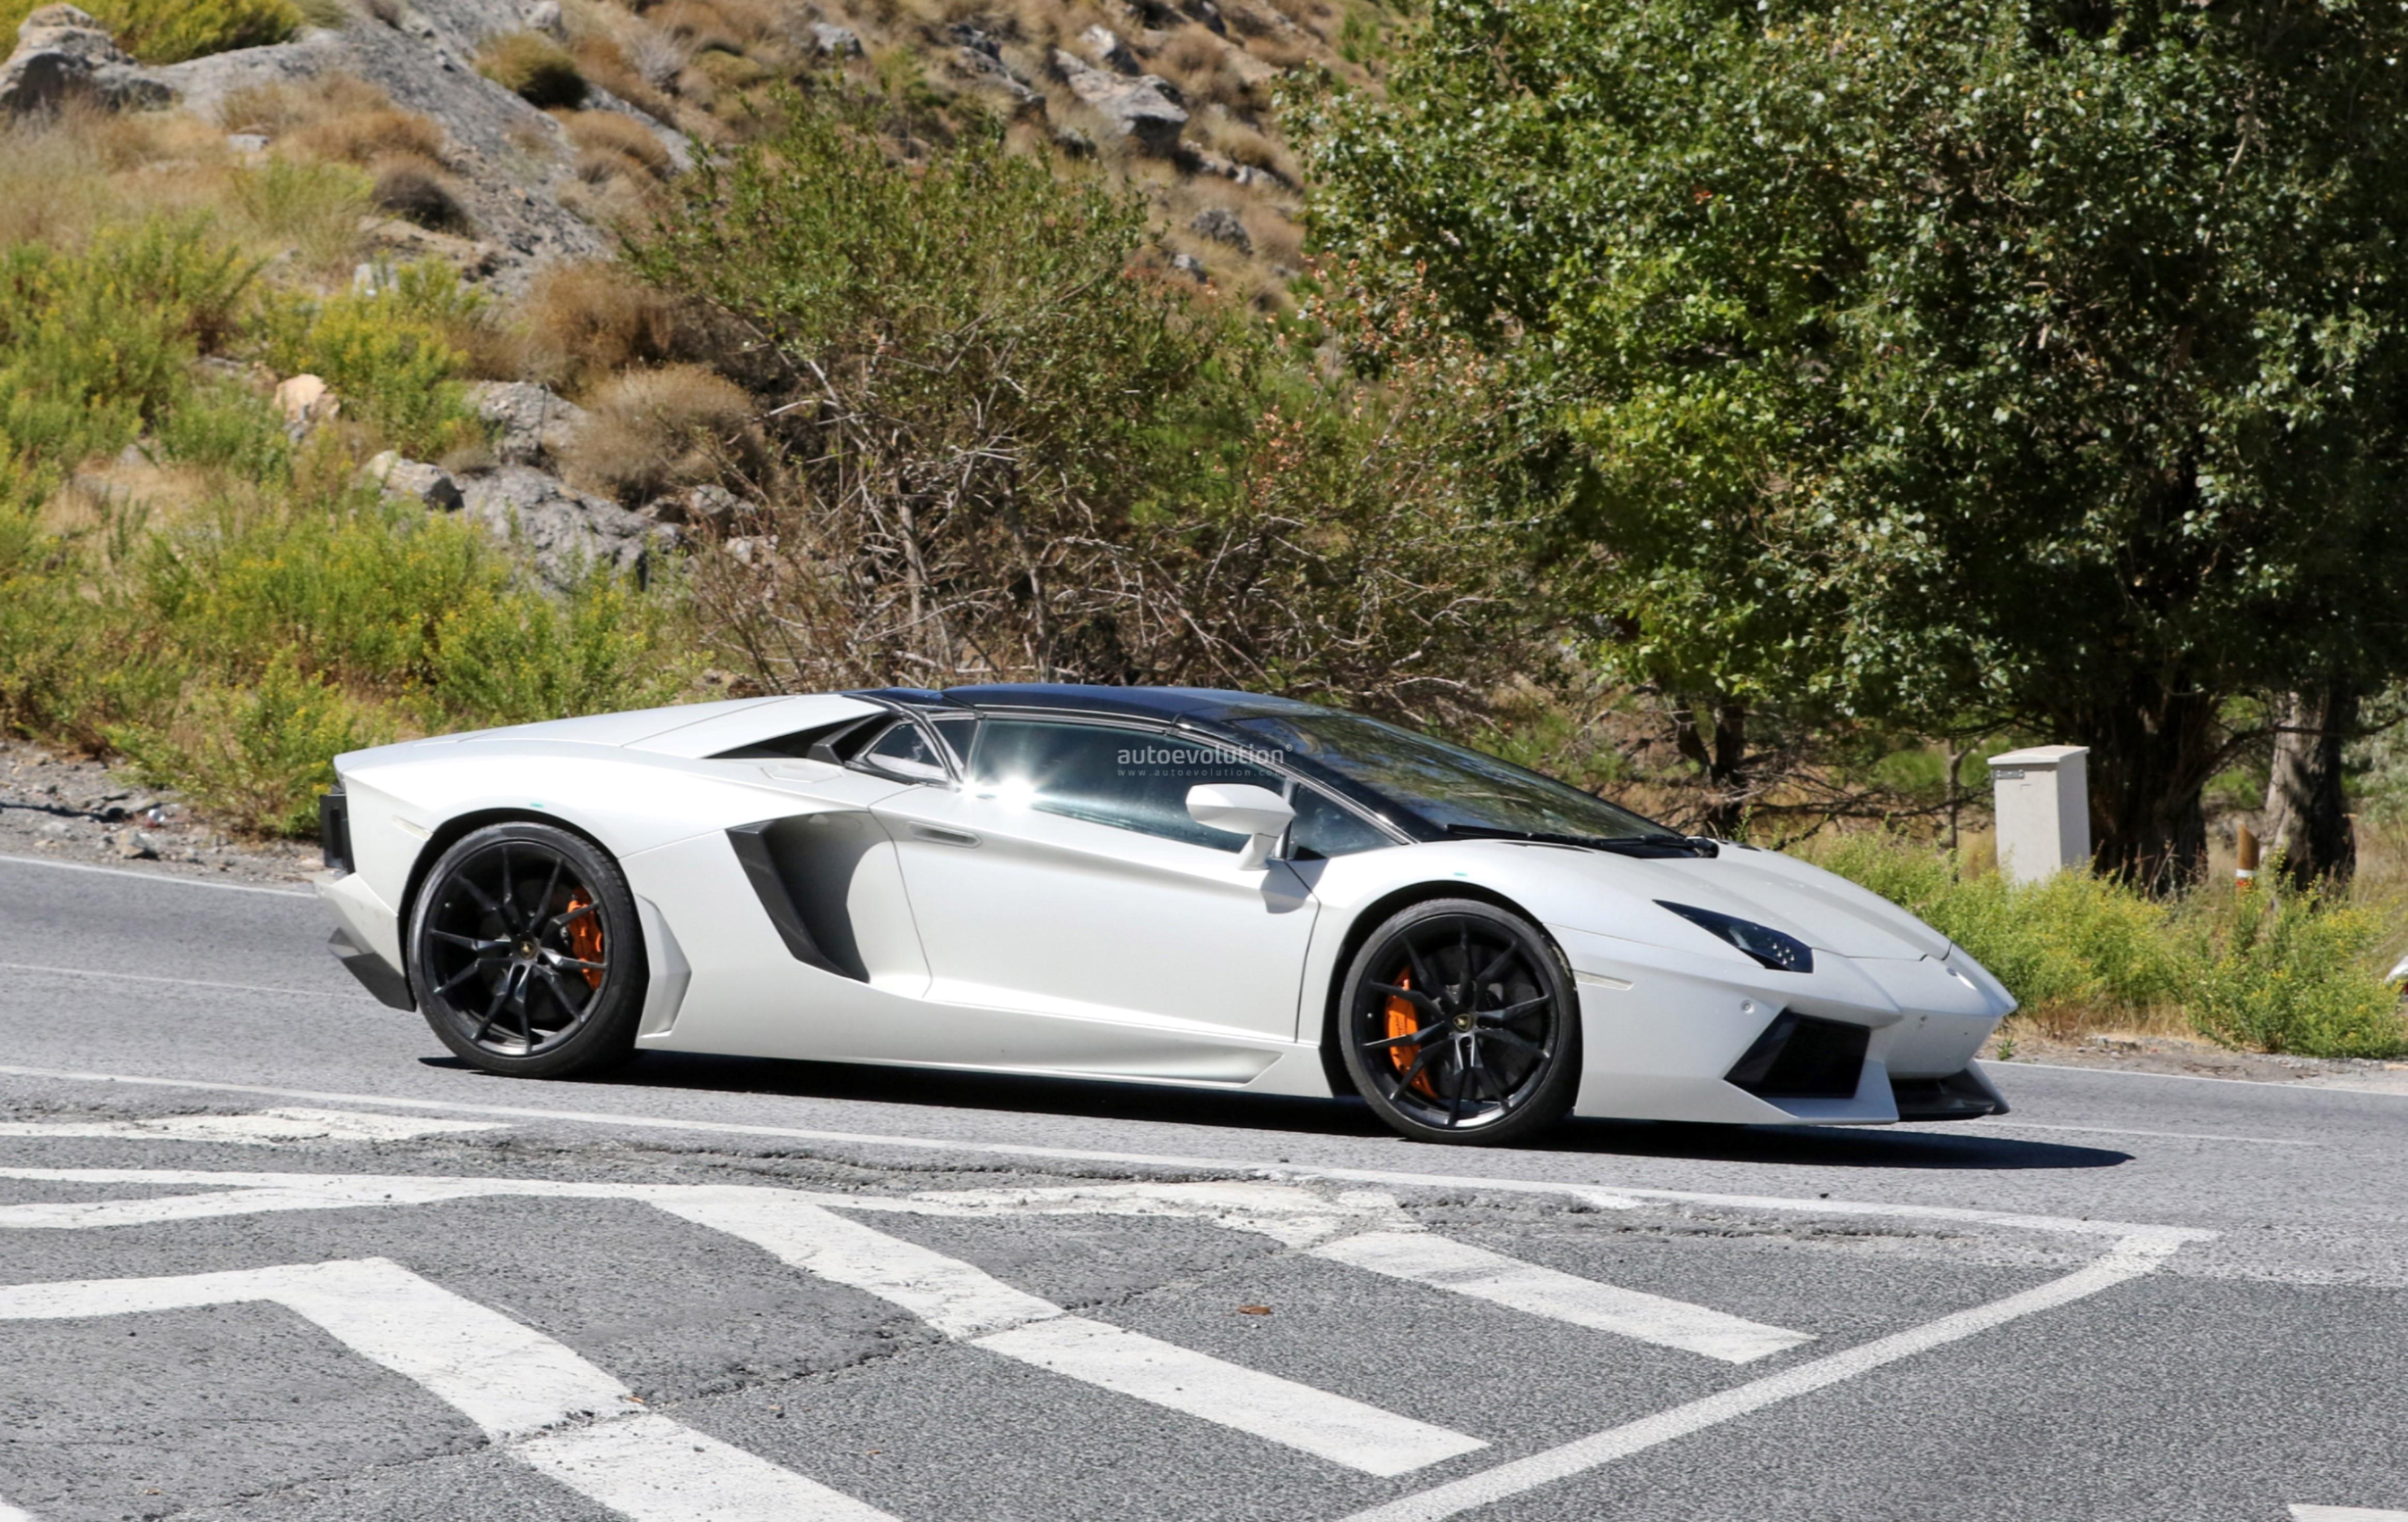 Could This Be The 2019 Lamborghini Aventador Svj Autoevolution